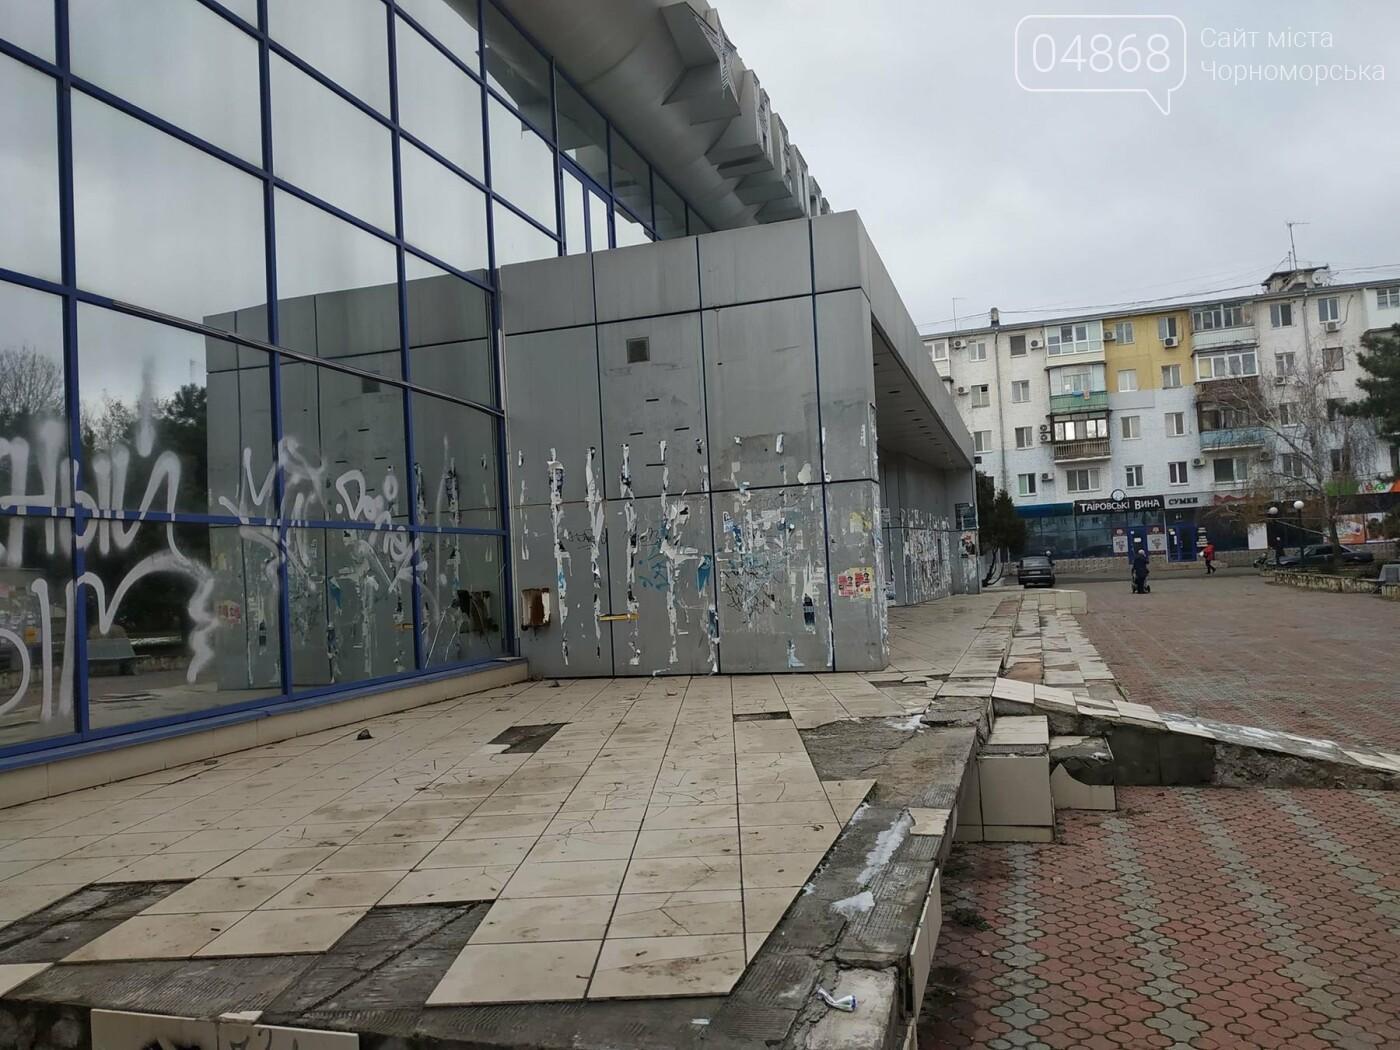 Кинотеатр «Нептун» как символ отсутствия инициативы со стороны власти, фото-1